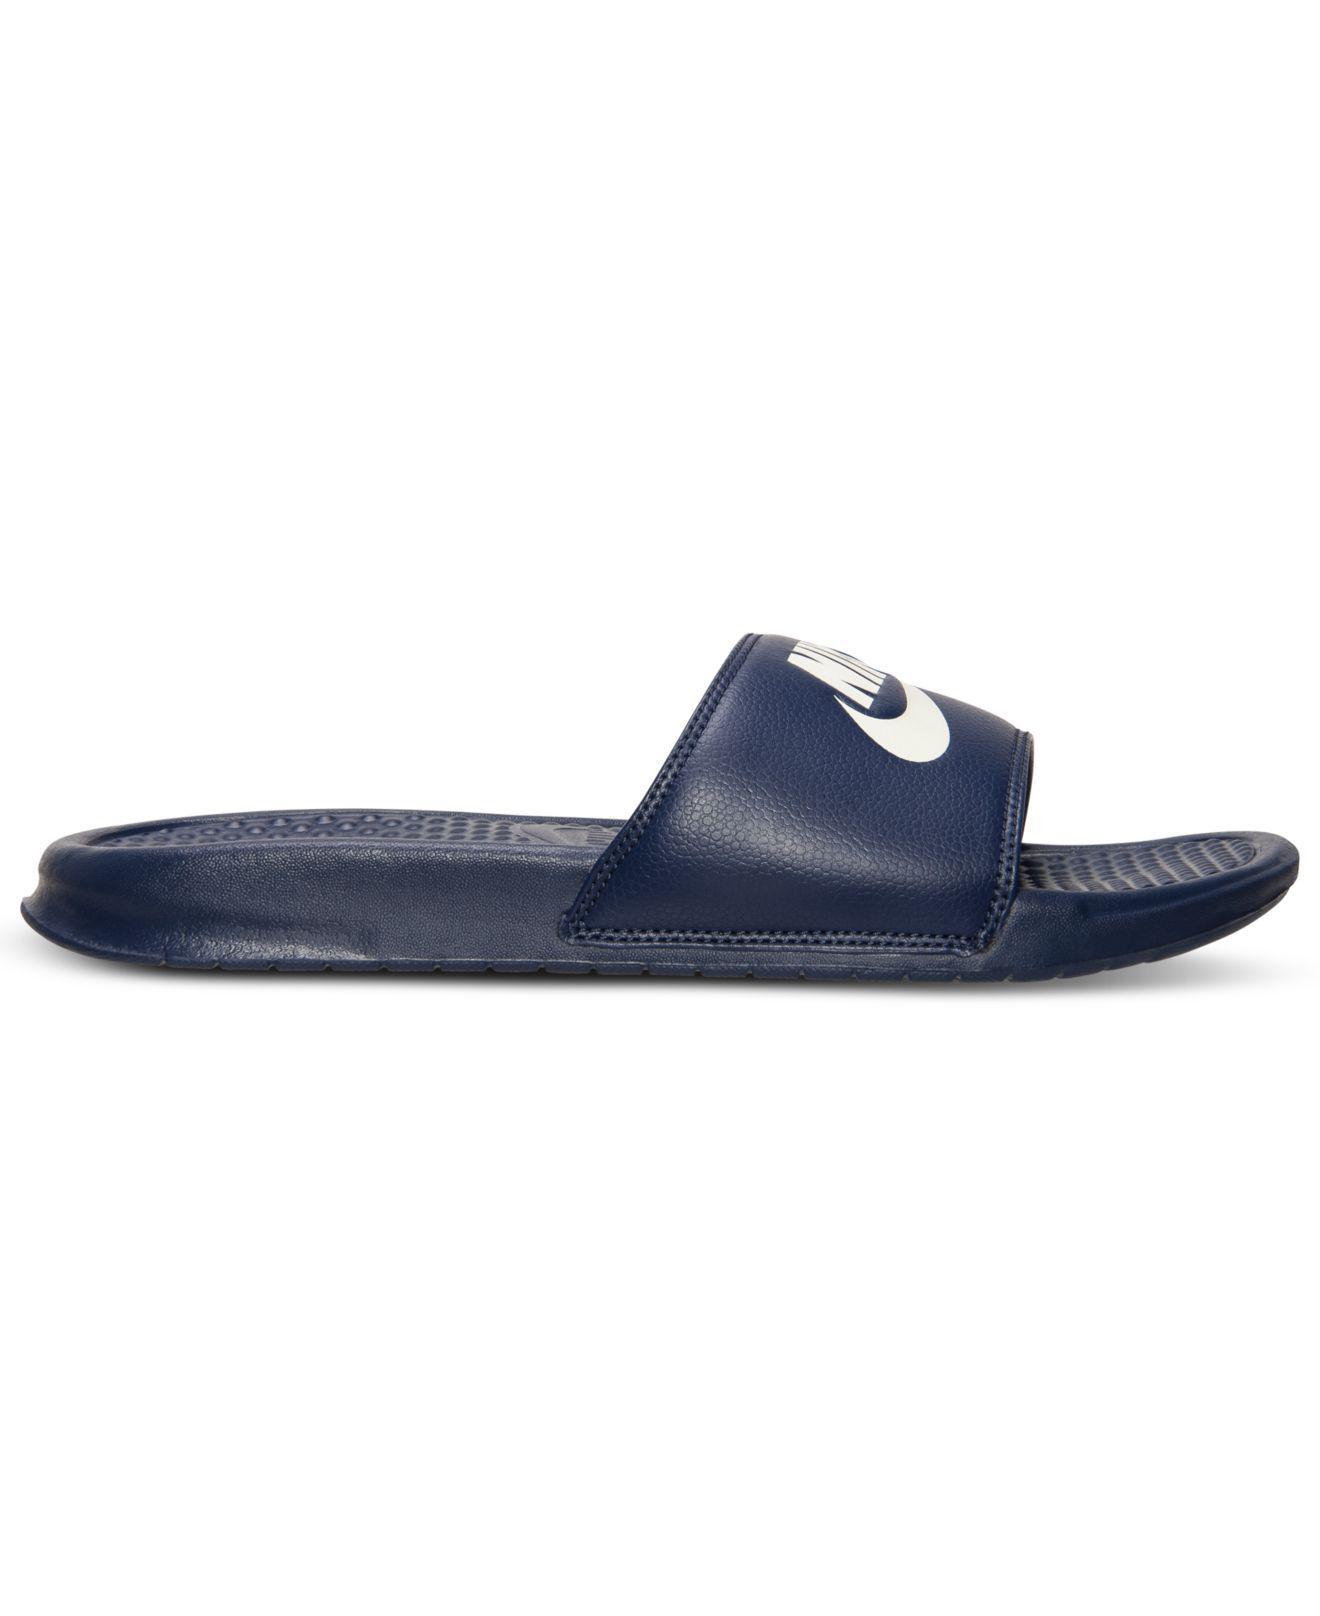 b4888f79fe0e Lyst - Nike Benassi Jdi Slide Sandals From Finish Line in Blue for Men